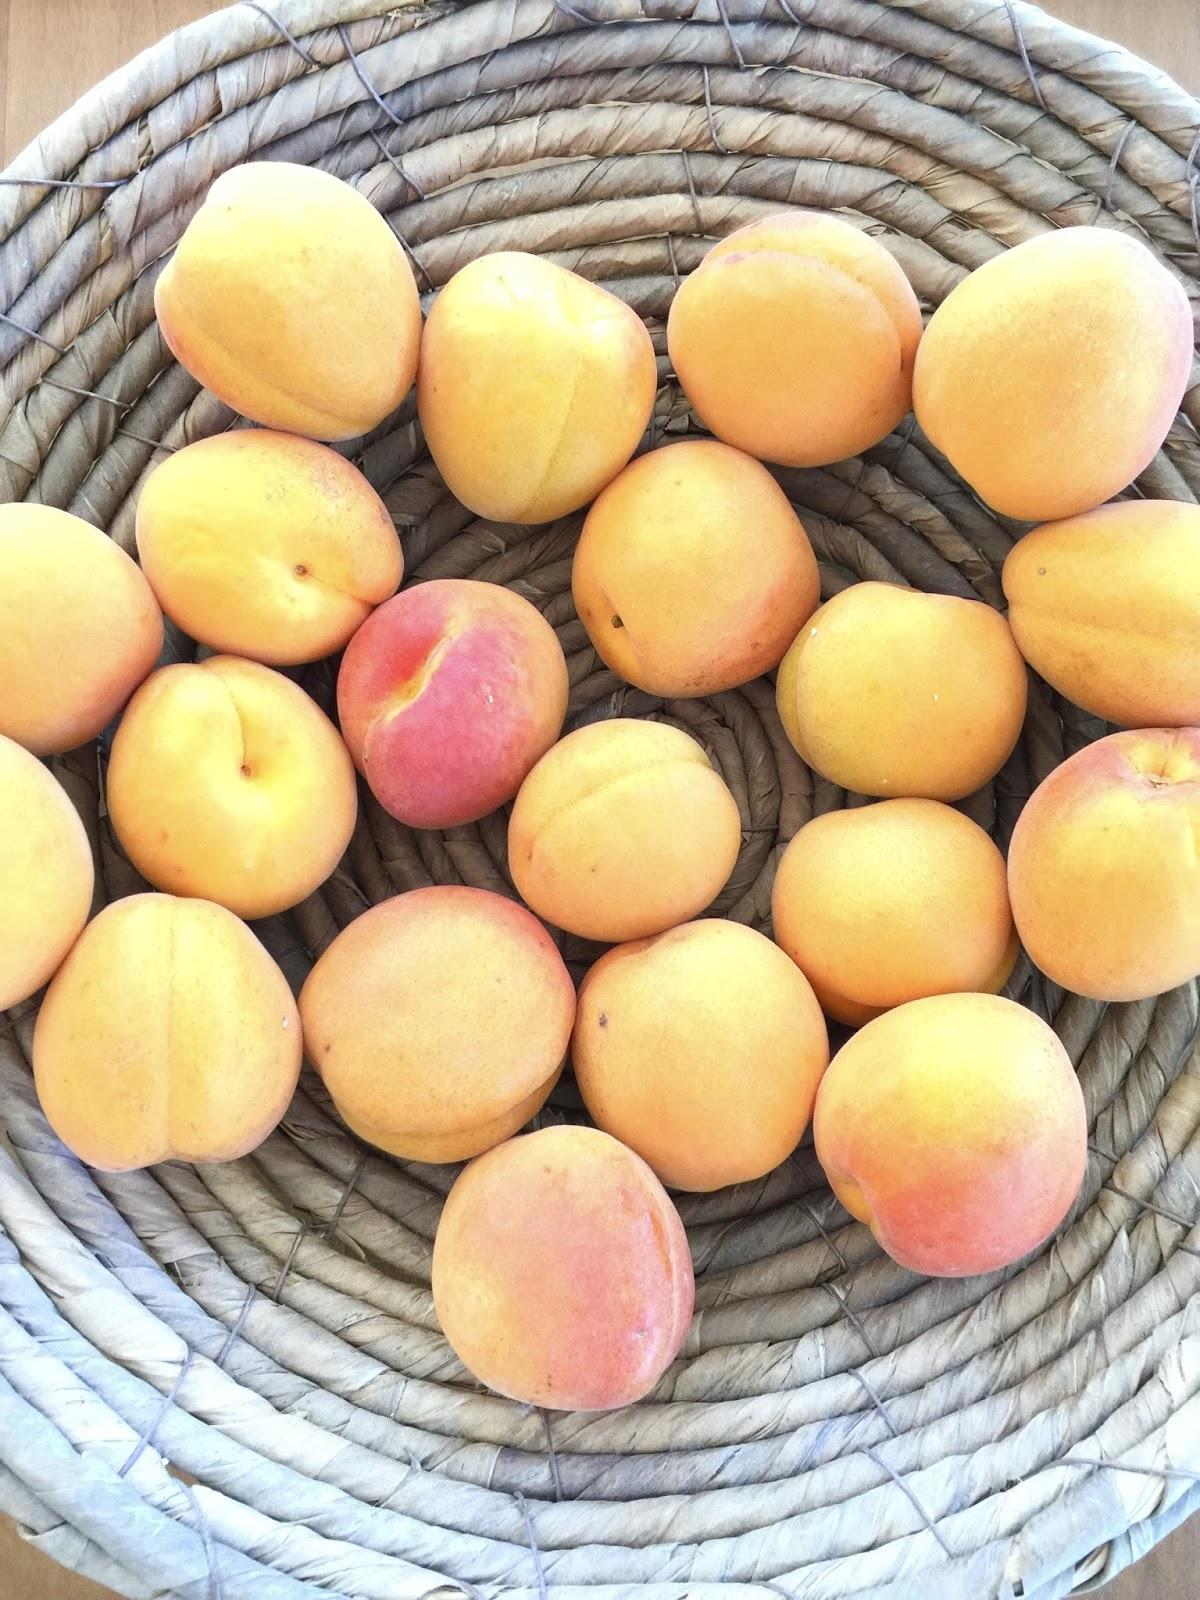 Aprikosenmarmelade Mit Ingwer : views by a aprikosenmarmelade mit ingwer ~ Lizthompson.info Haus und Dekorationen